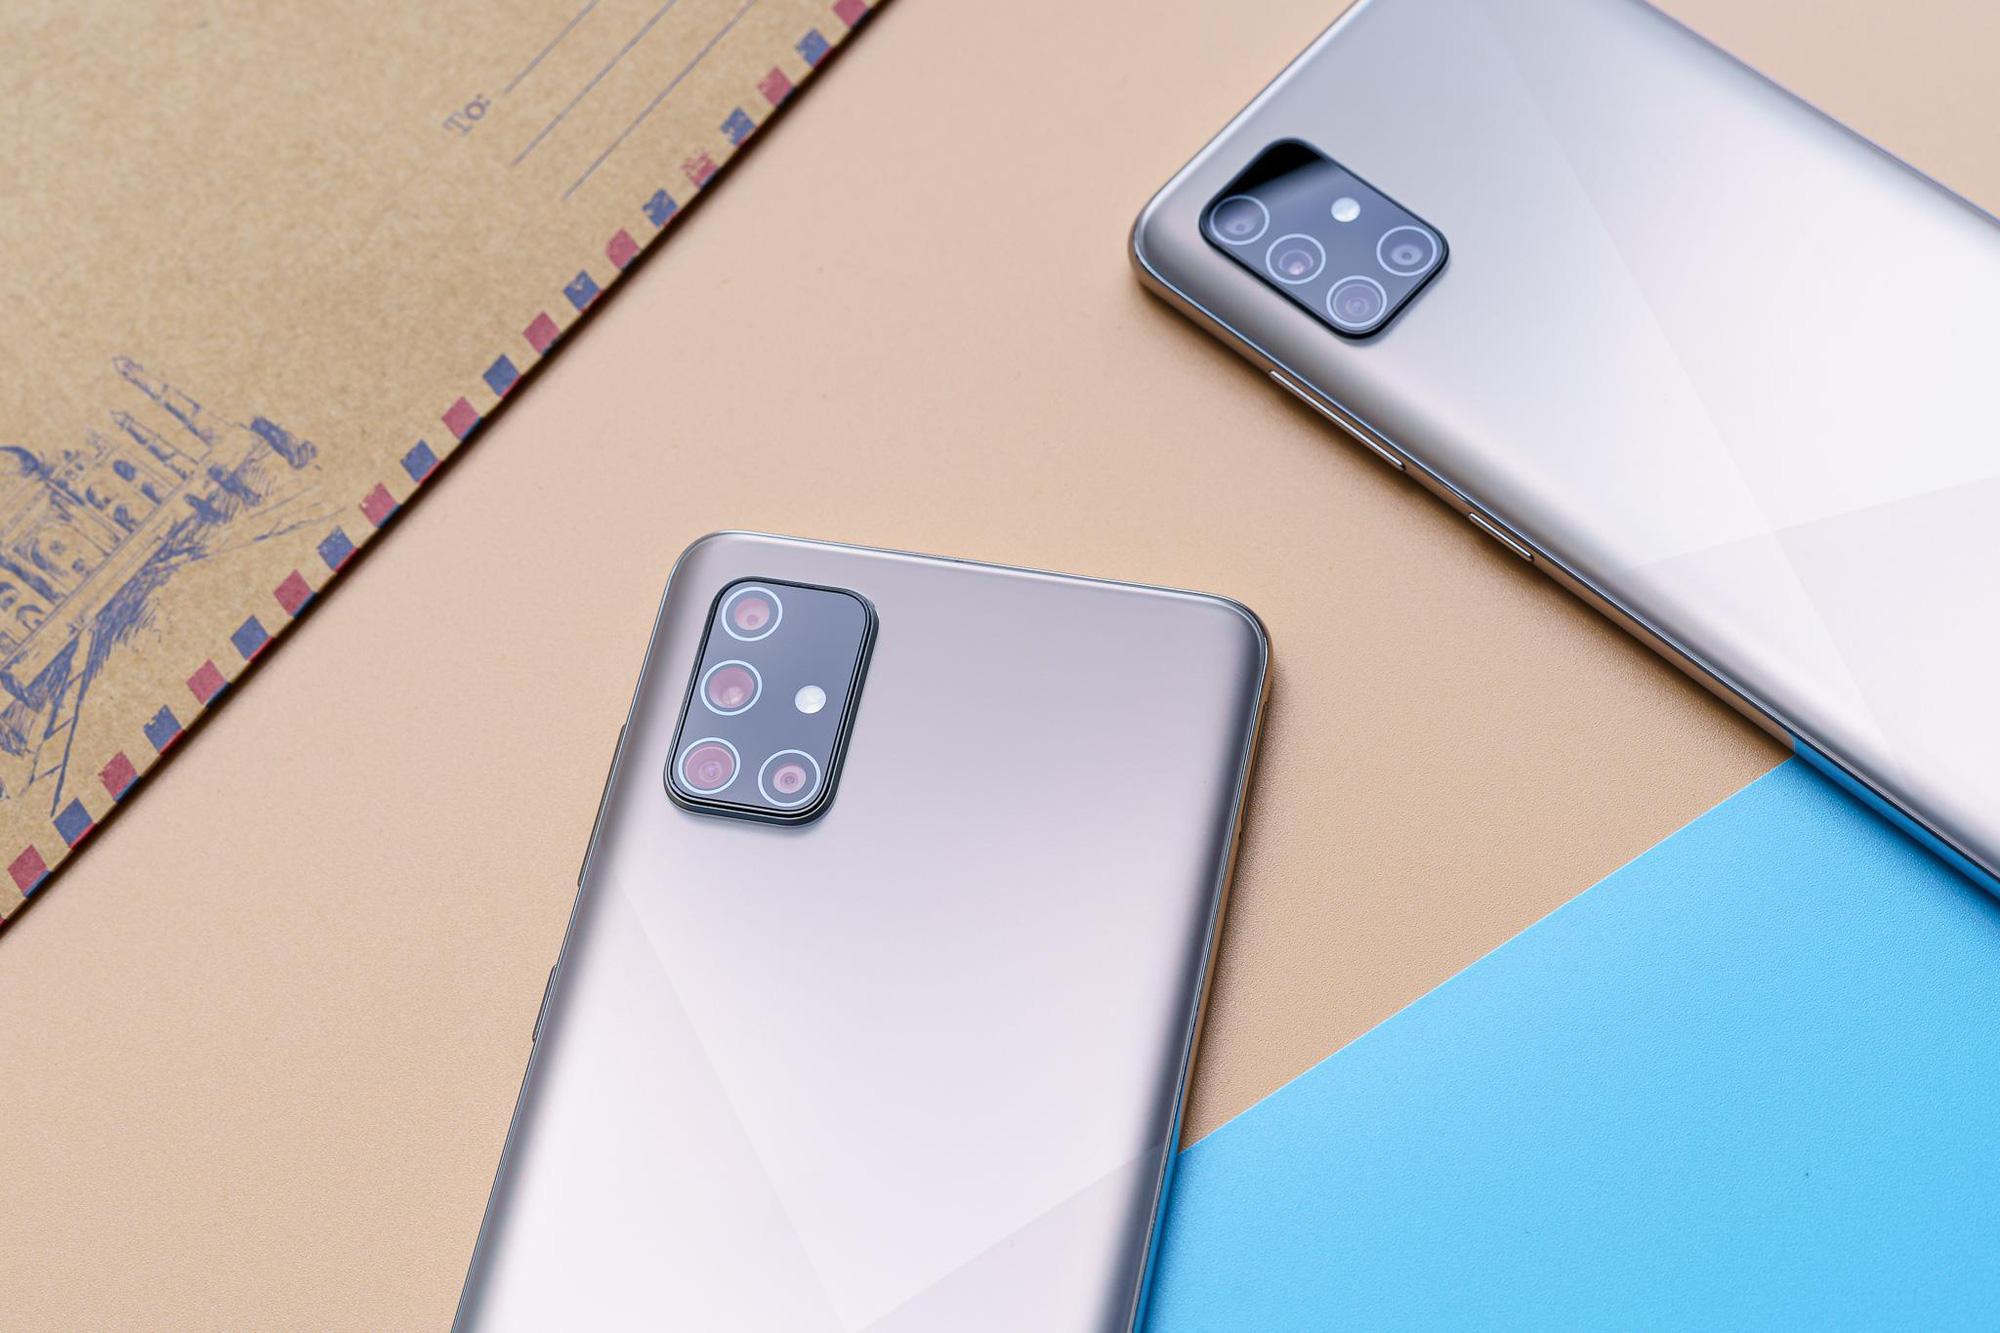 Hết đột phá này đến đột phá khác, Samsung Galaxy A51|A71 chưa bao giờ làm người trẻ hết thích thú - Ảnh 2.